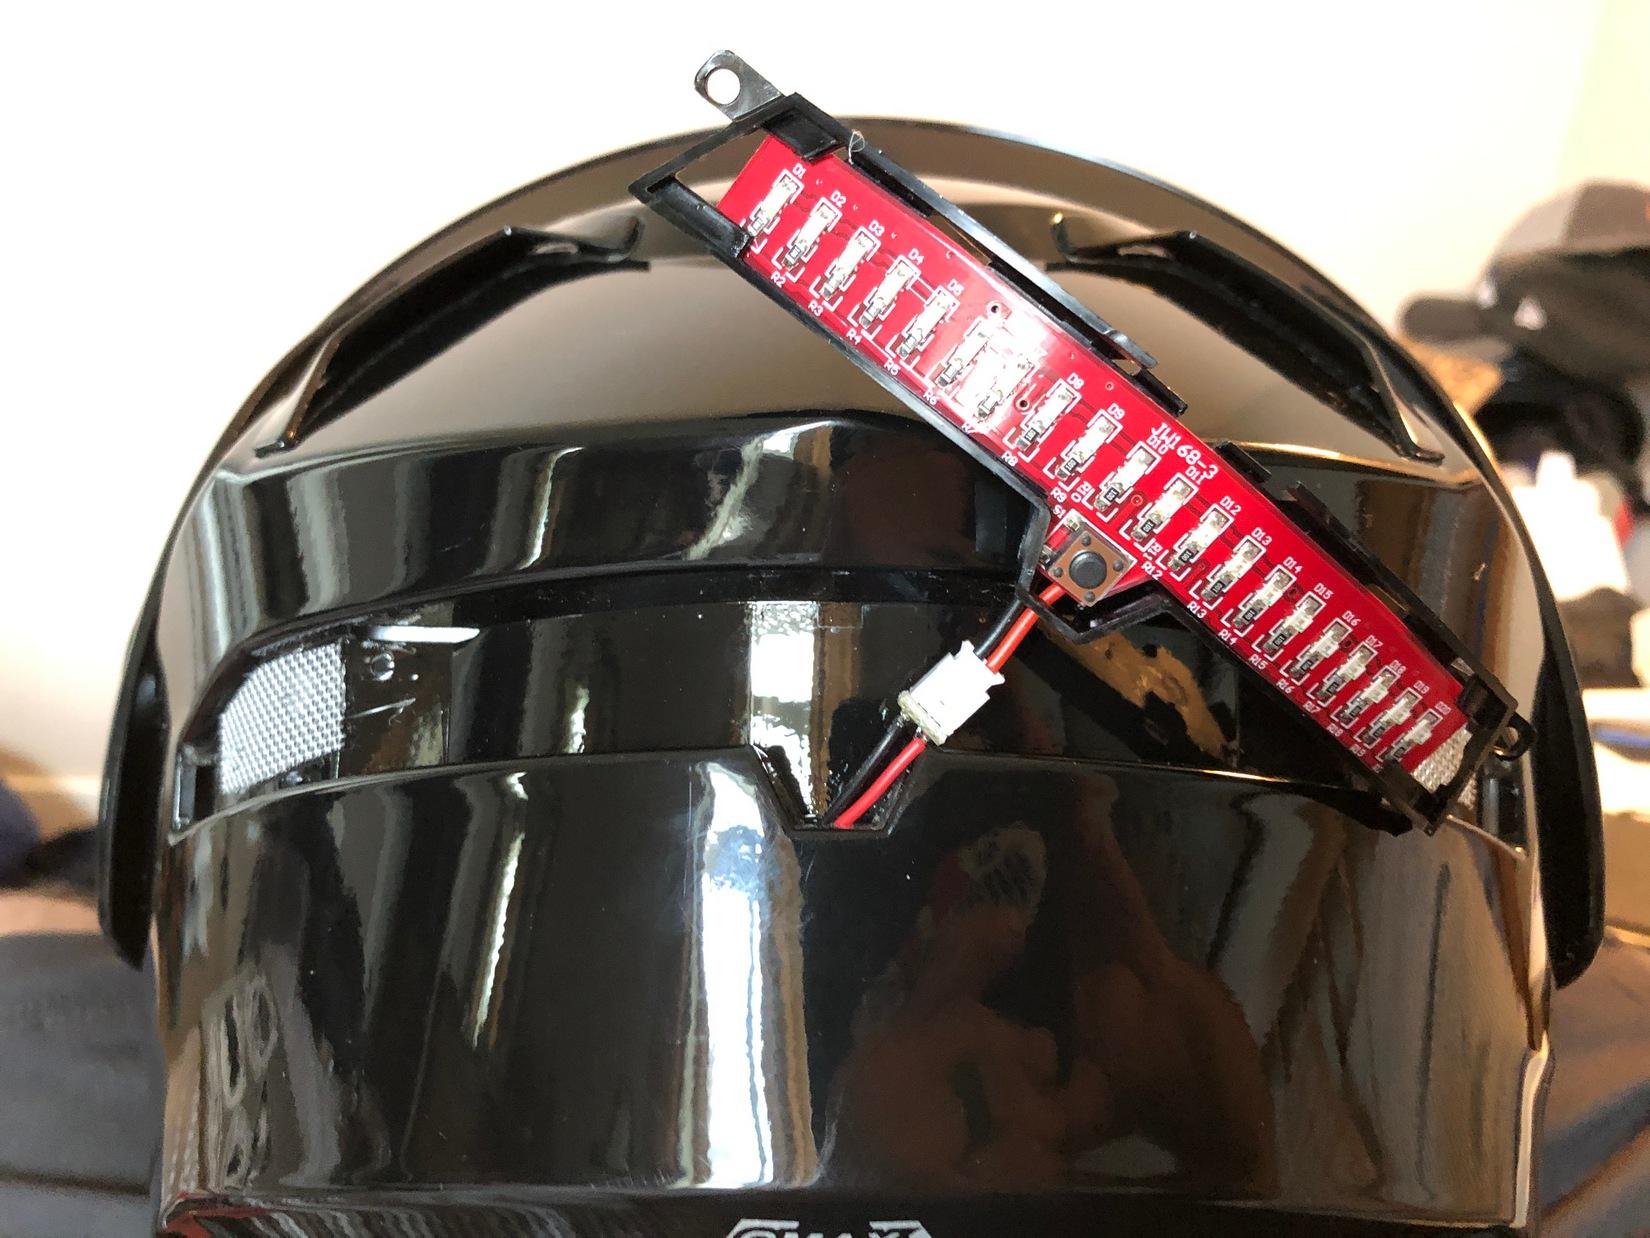 GMax MD01 helmet LED light bar.